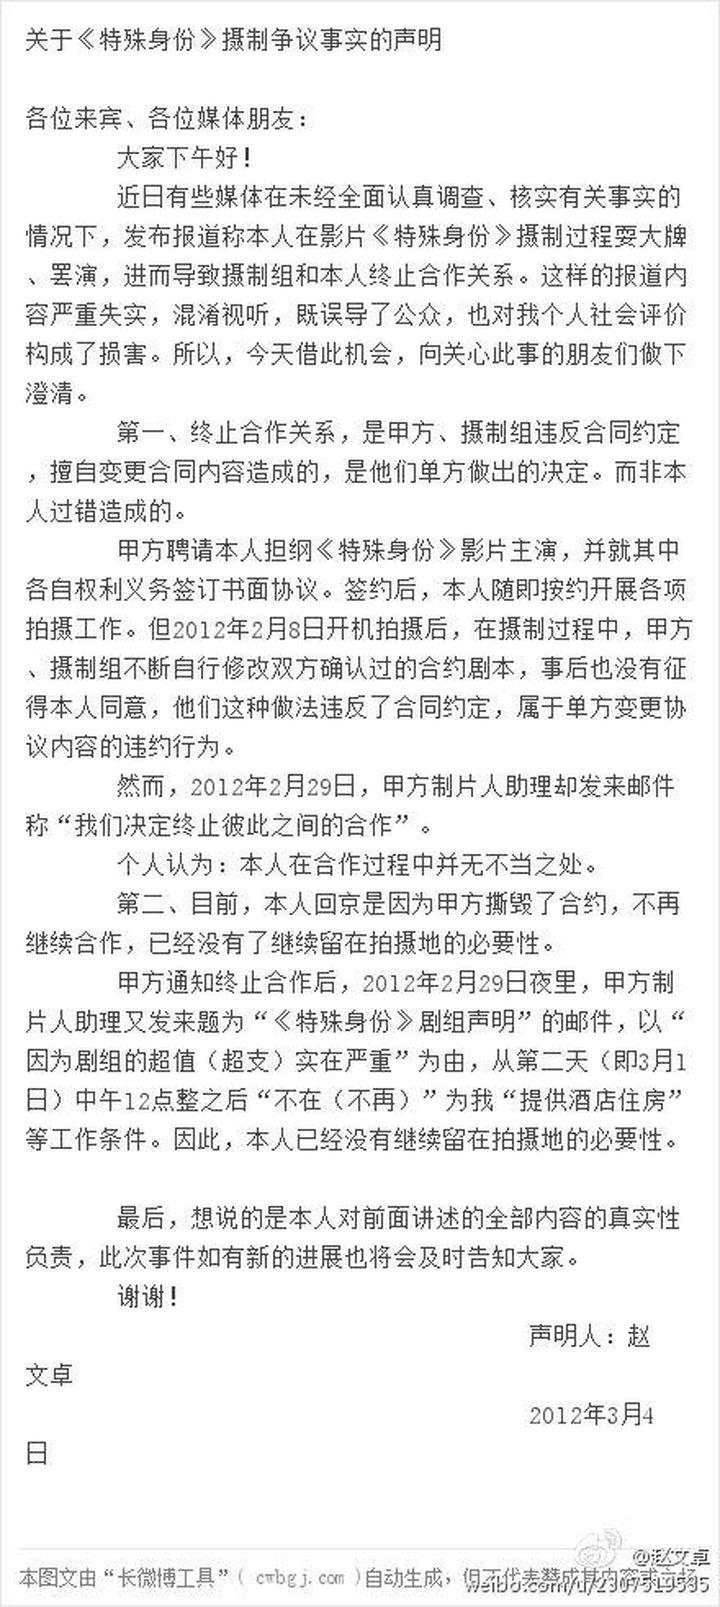 大家如何看待《特殊身份》赵文卓和甄子丹这件事儿,这件事到底谁对谁错?-205